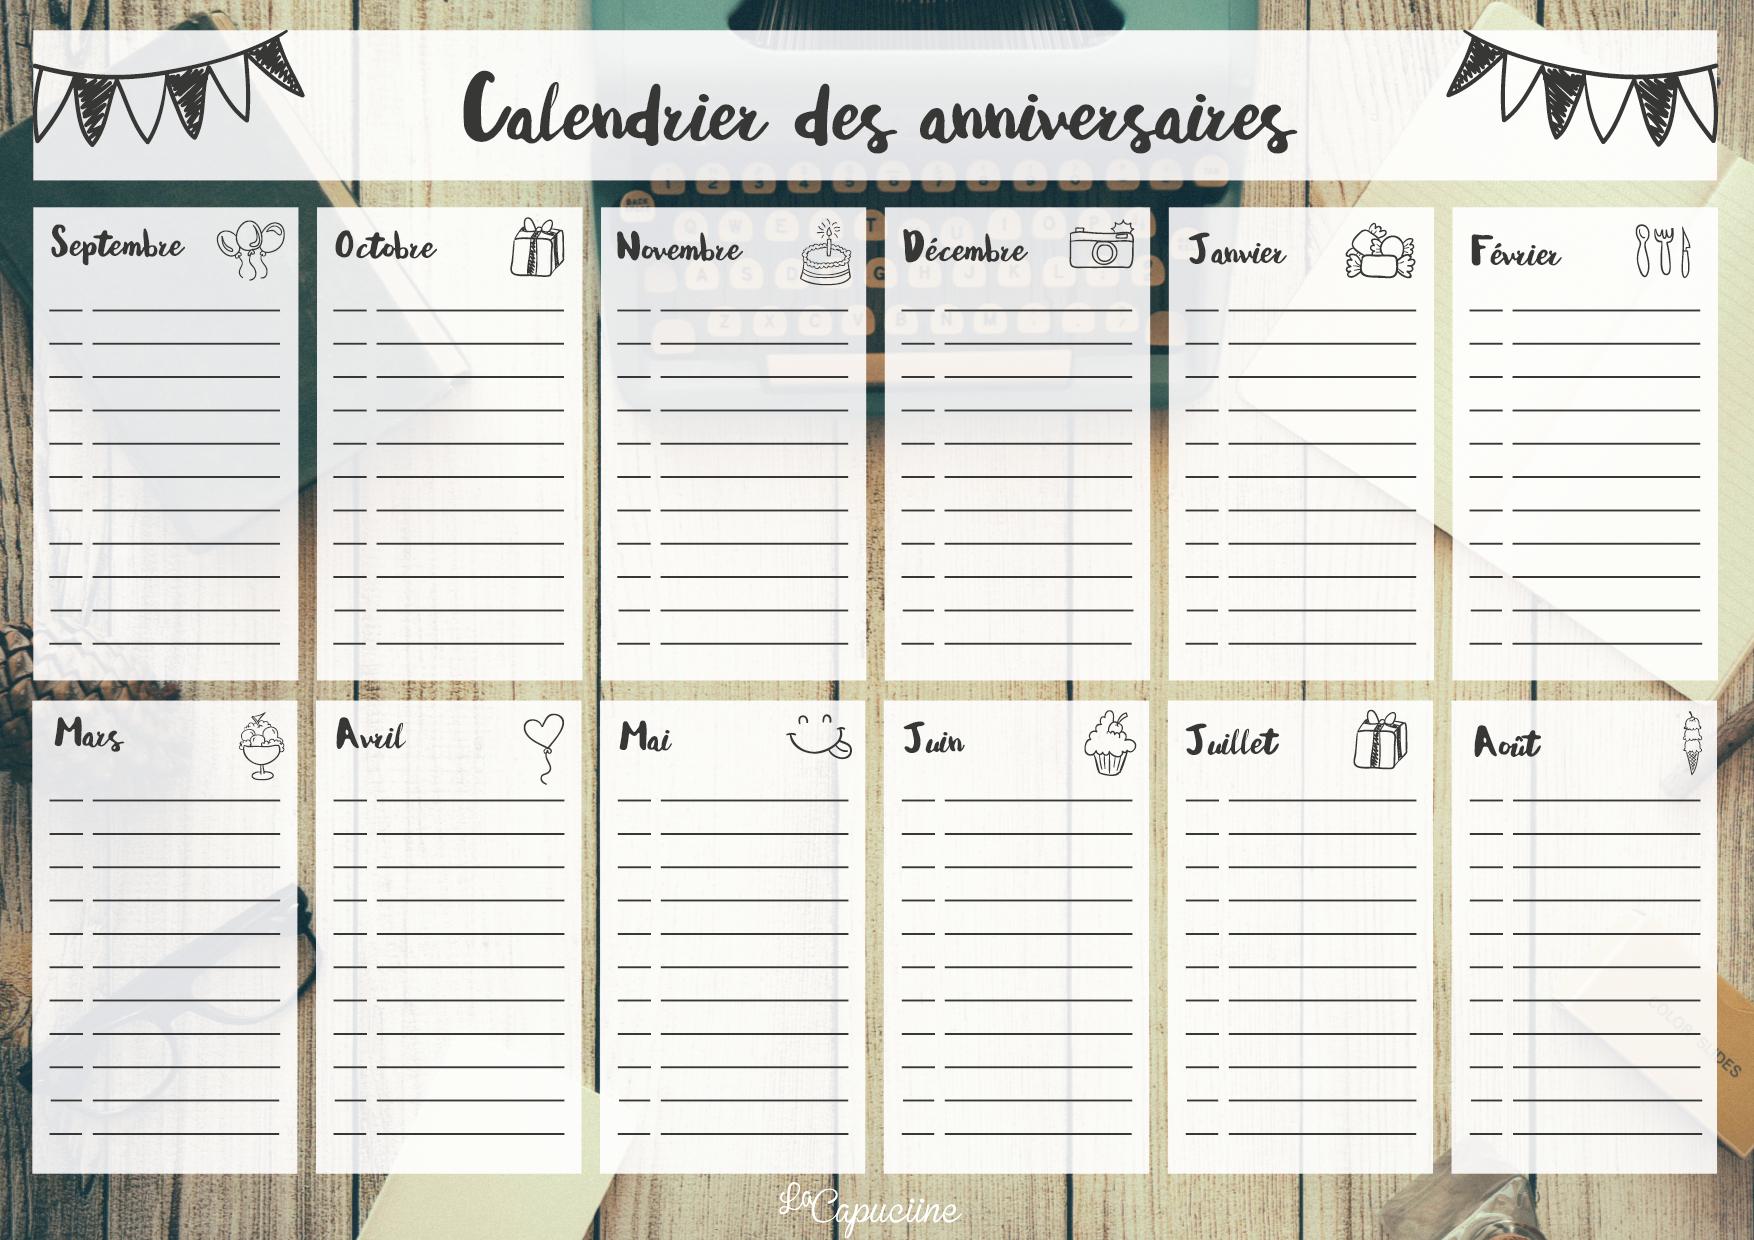 Épinglé Par Julie P Sur Organisation, Planning   Calendrier destiné Calendrier Perpetuel Gratuit Imprimer